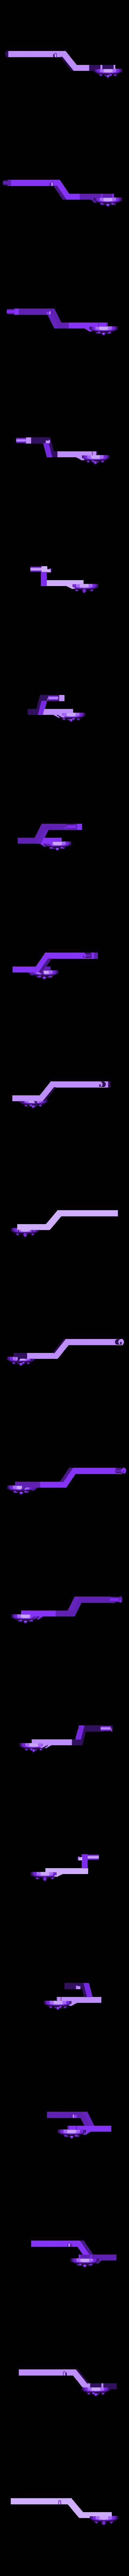 TortureTrap_Swinging_Shield.stl Télécharger fichier STL gratuit TortureTrap : une extension du piège à souris • Objet pour impression 3D, mrhers2